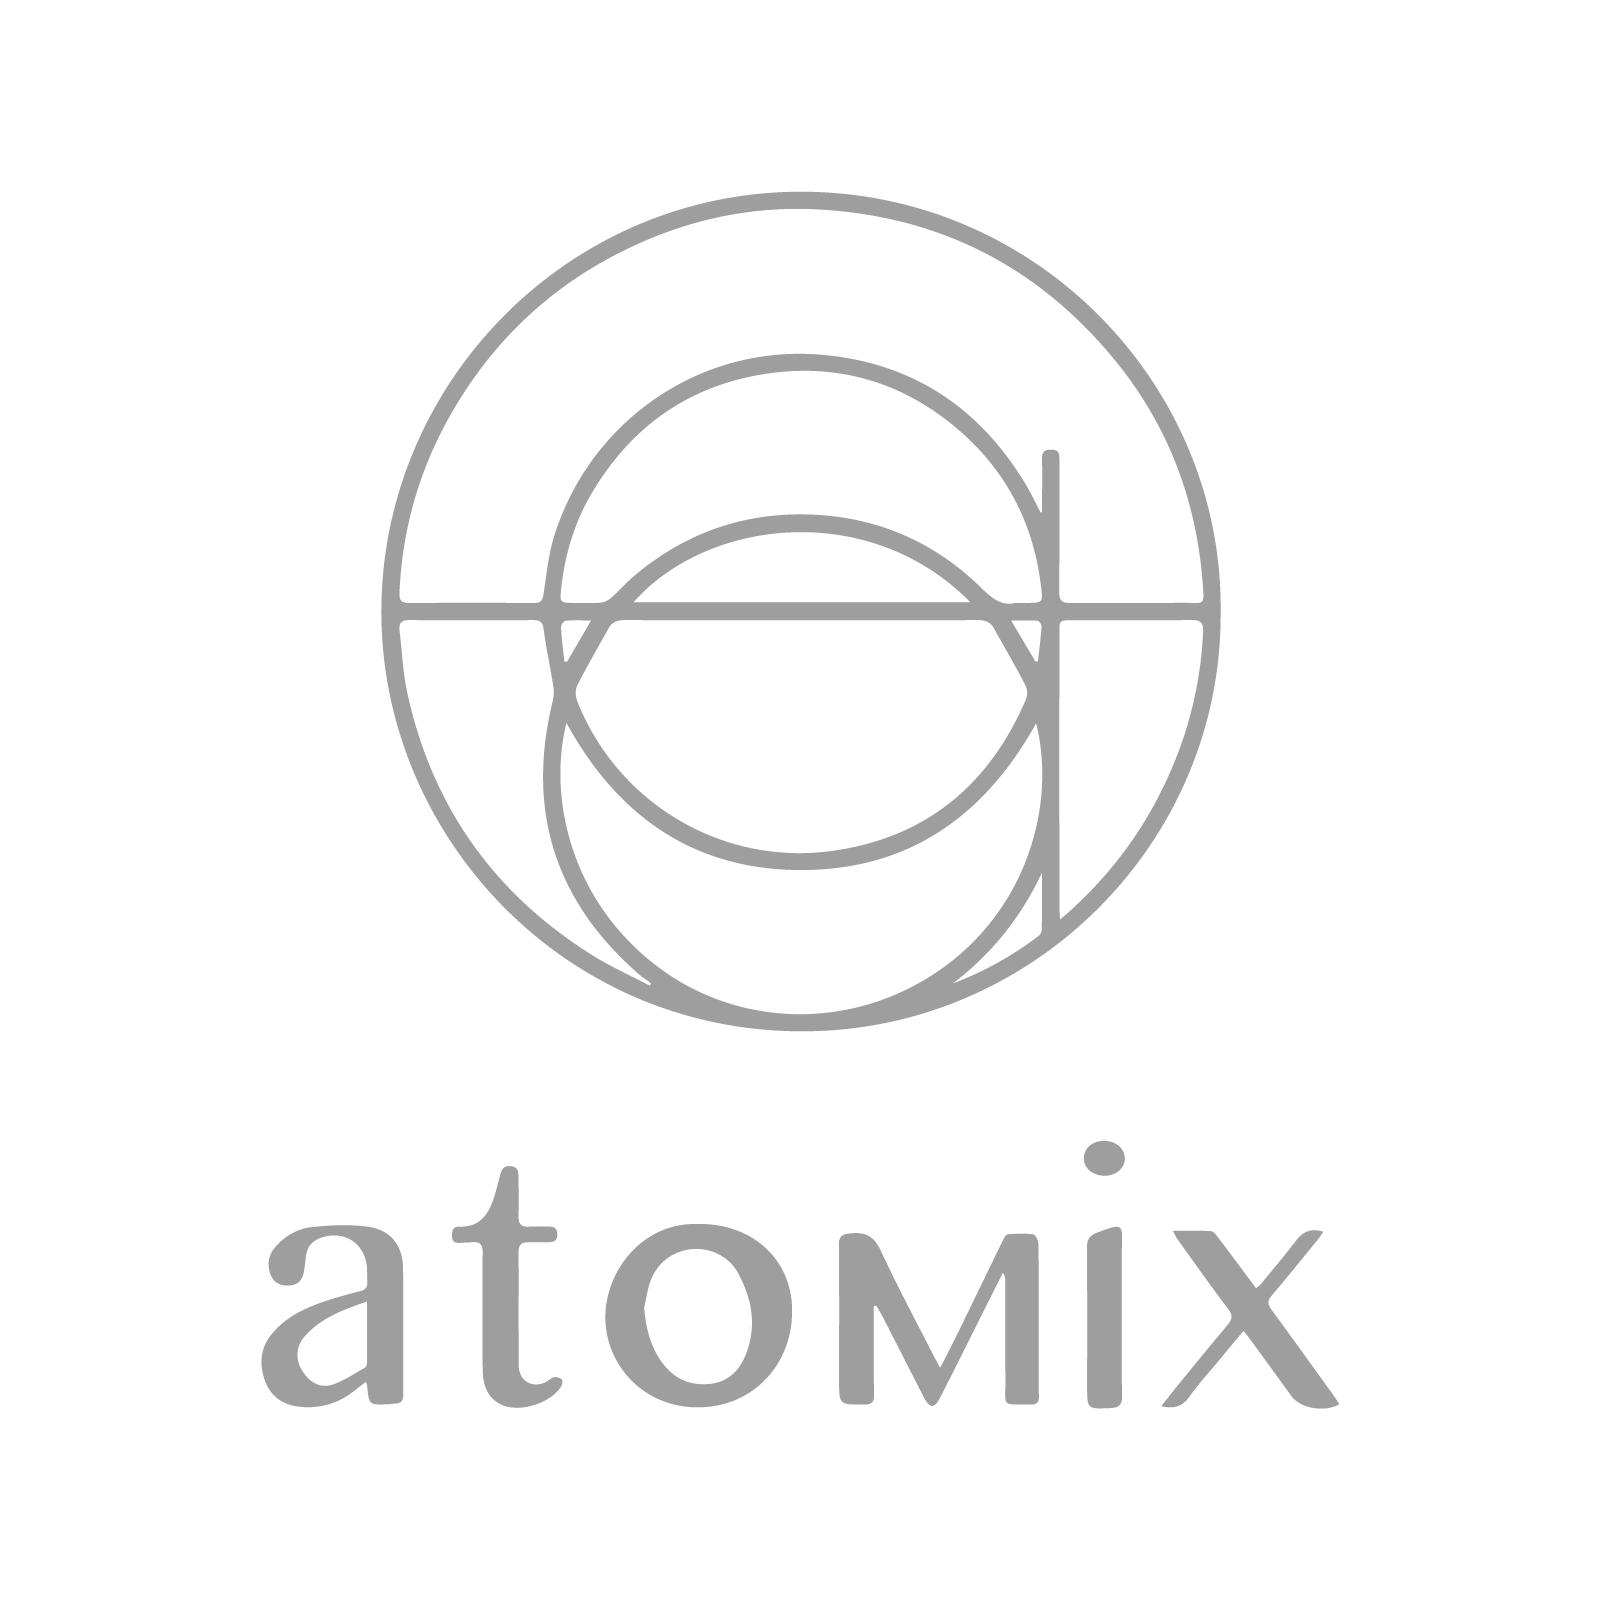 Press Logos_Atomix.png